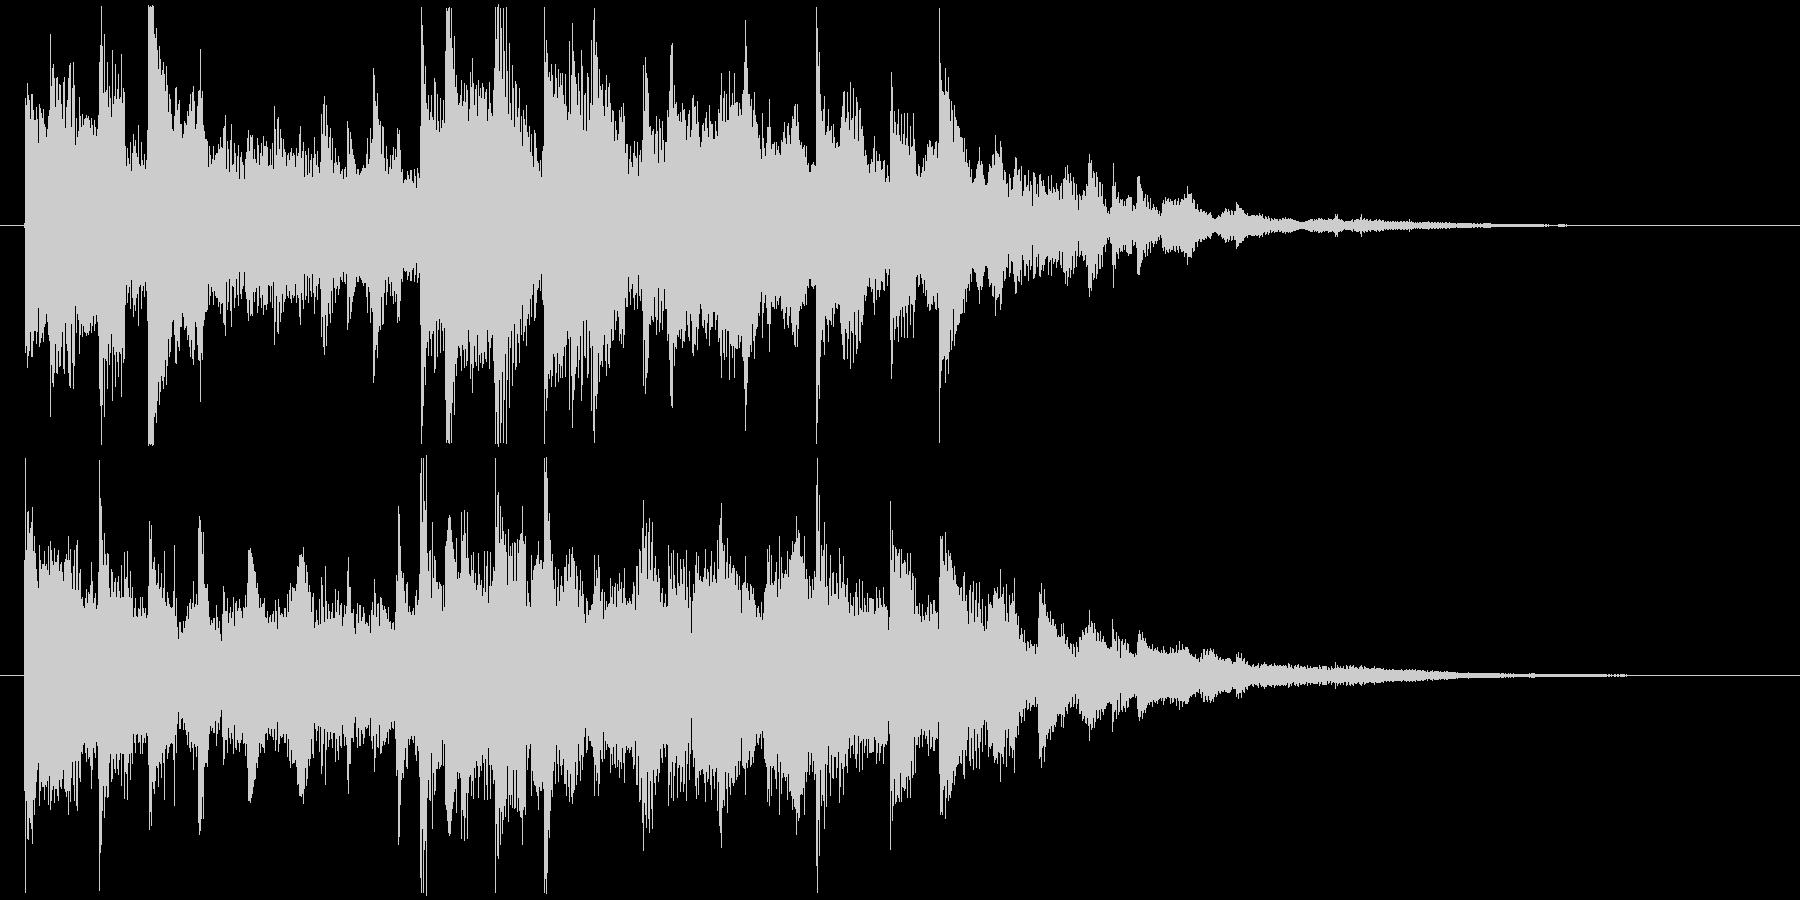 デジタル系未来的映像オープニングロゴの未再生の波形